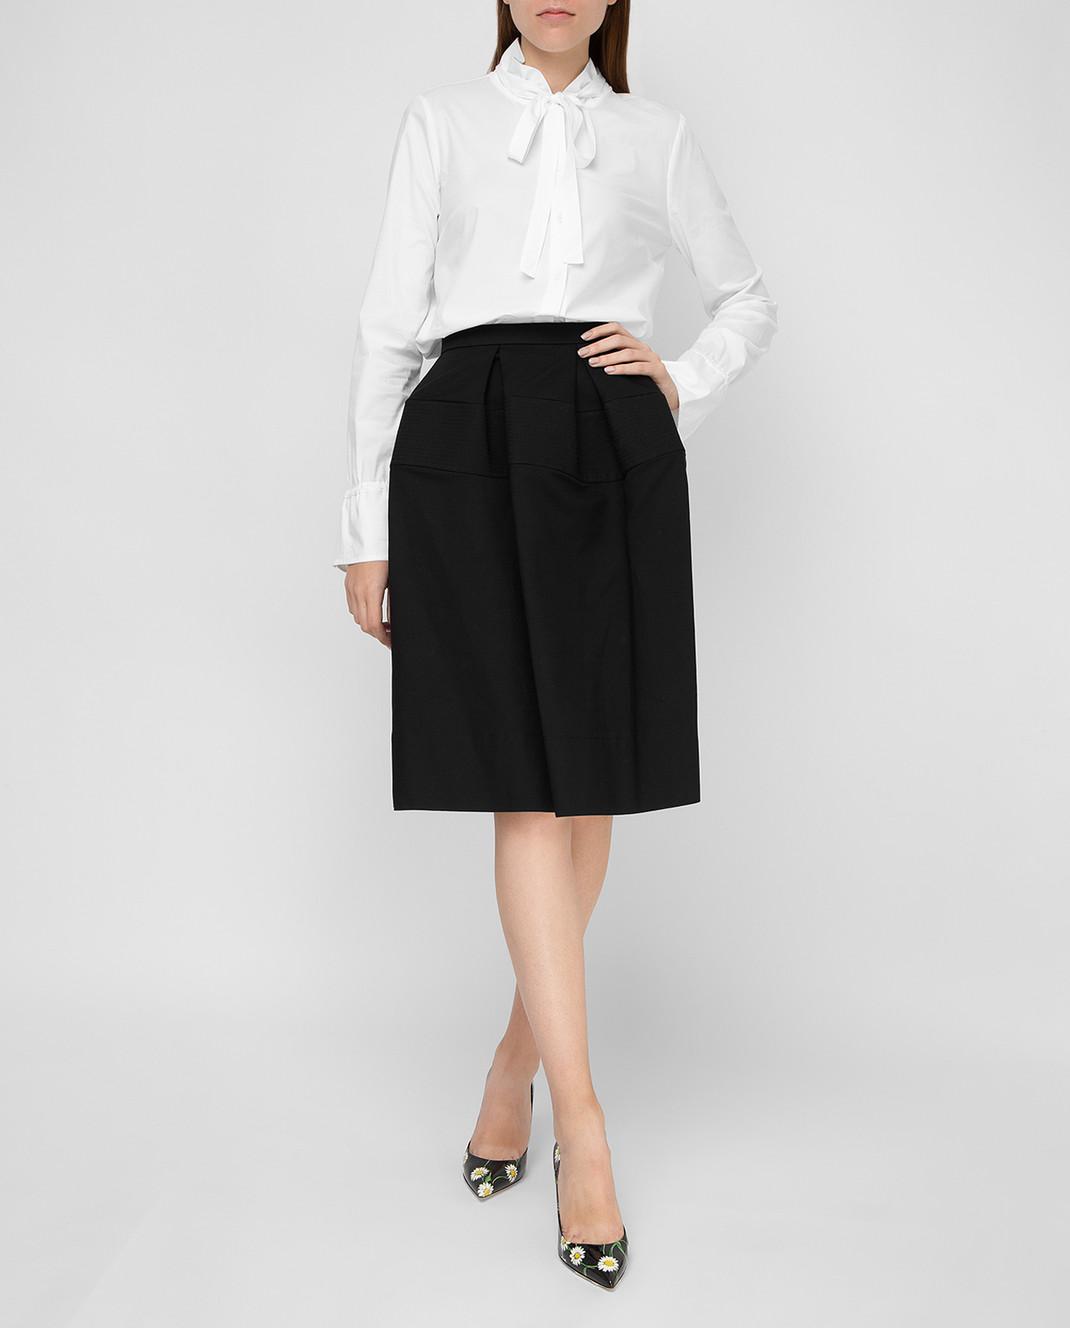 Balenciaga Черная юбка 413384 изображение 2